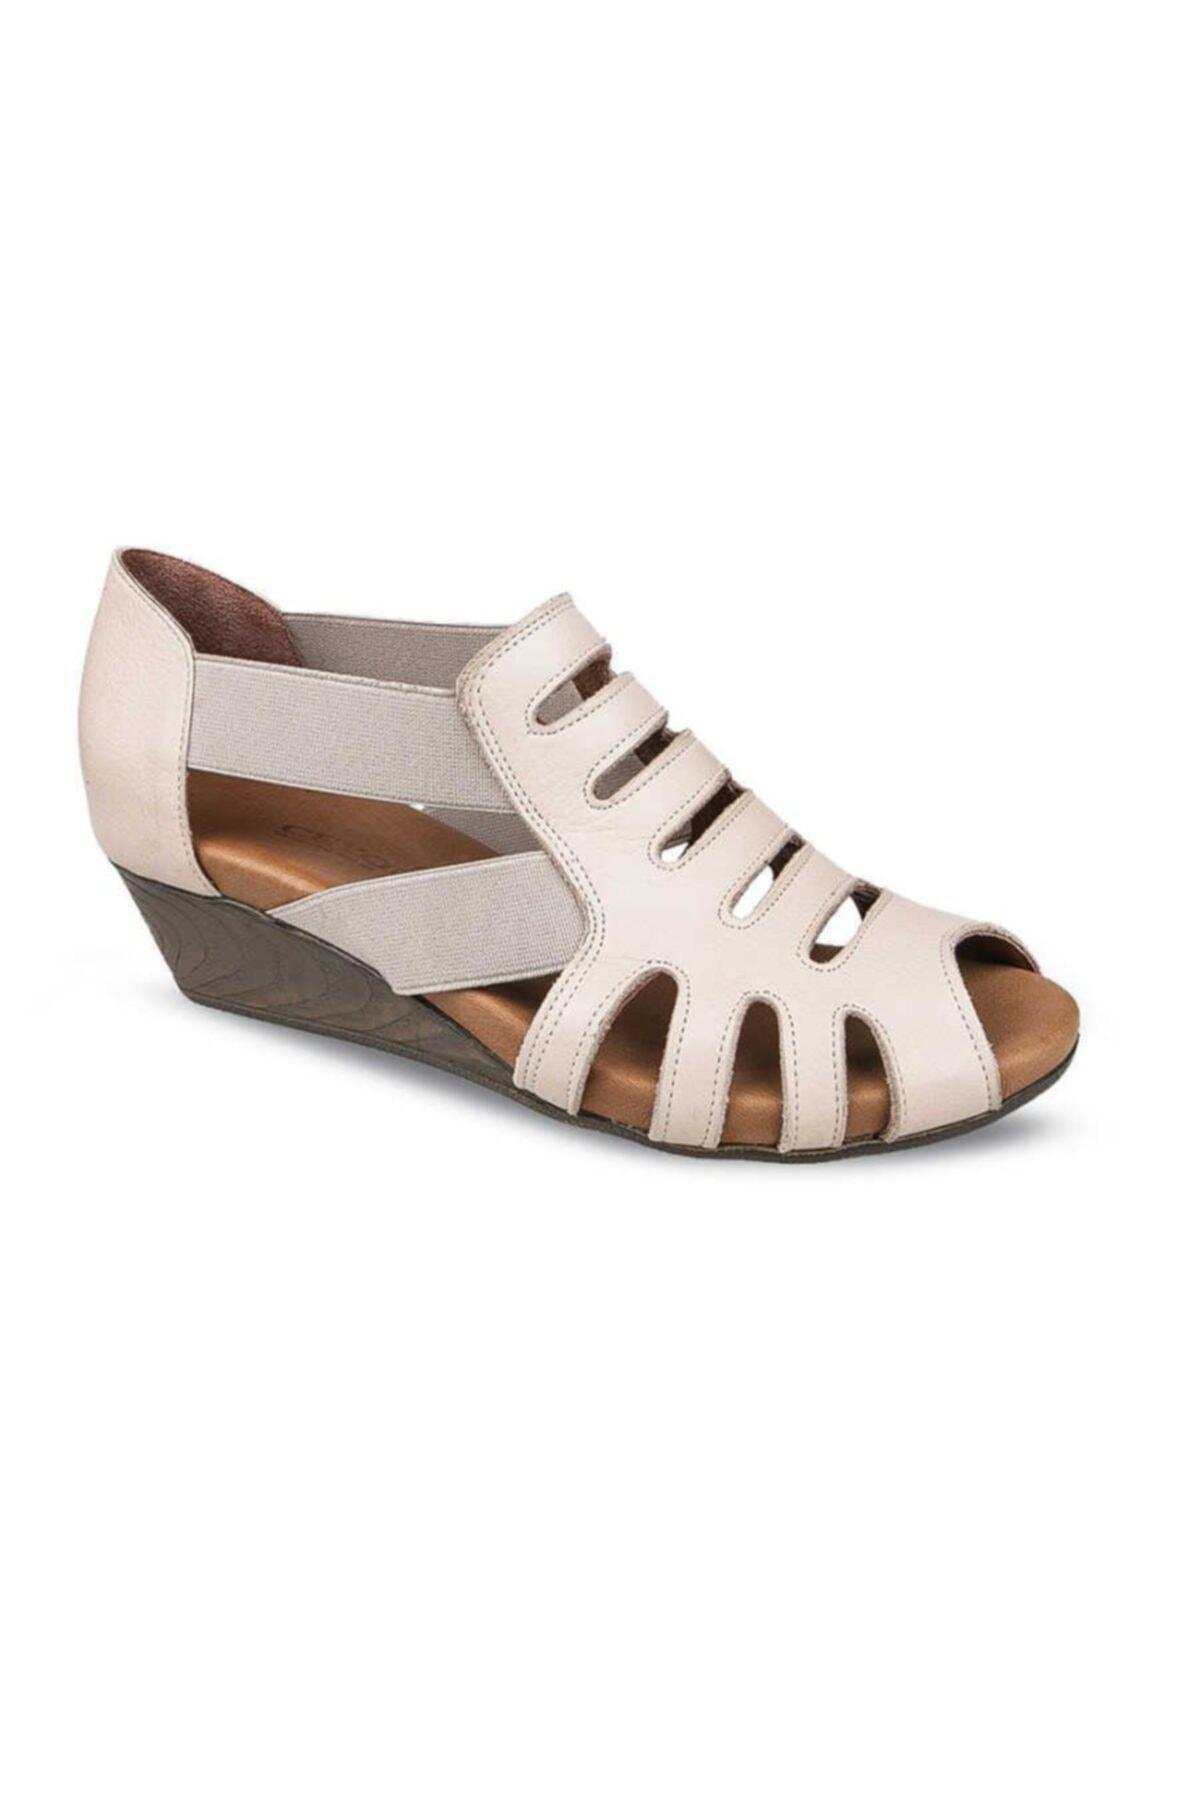 Ceyo 06 Hakiki Deri Anatomik Taban Kadın Sandalet 1